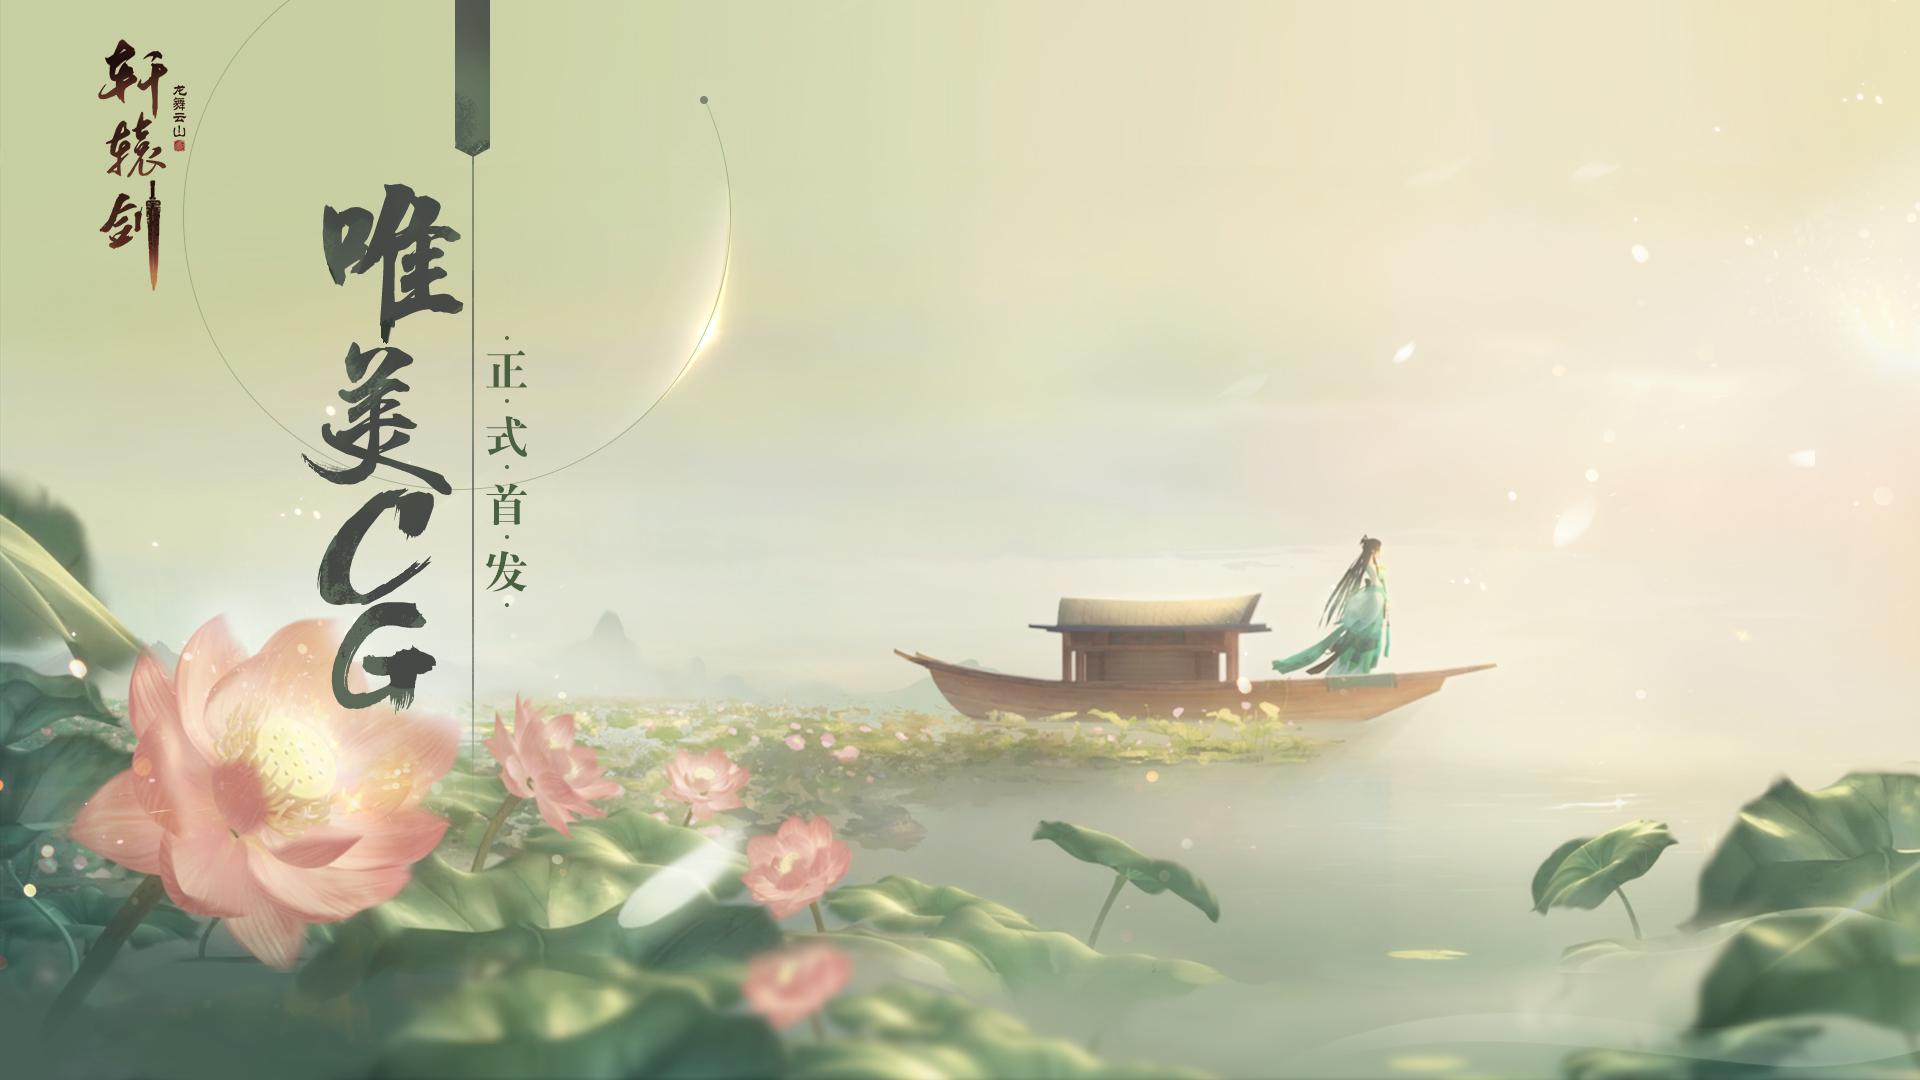 轩辕剑水墨国风 完整版CG首发